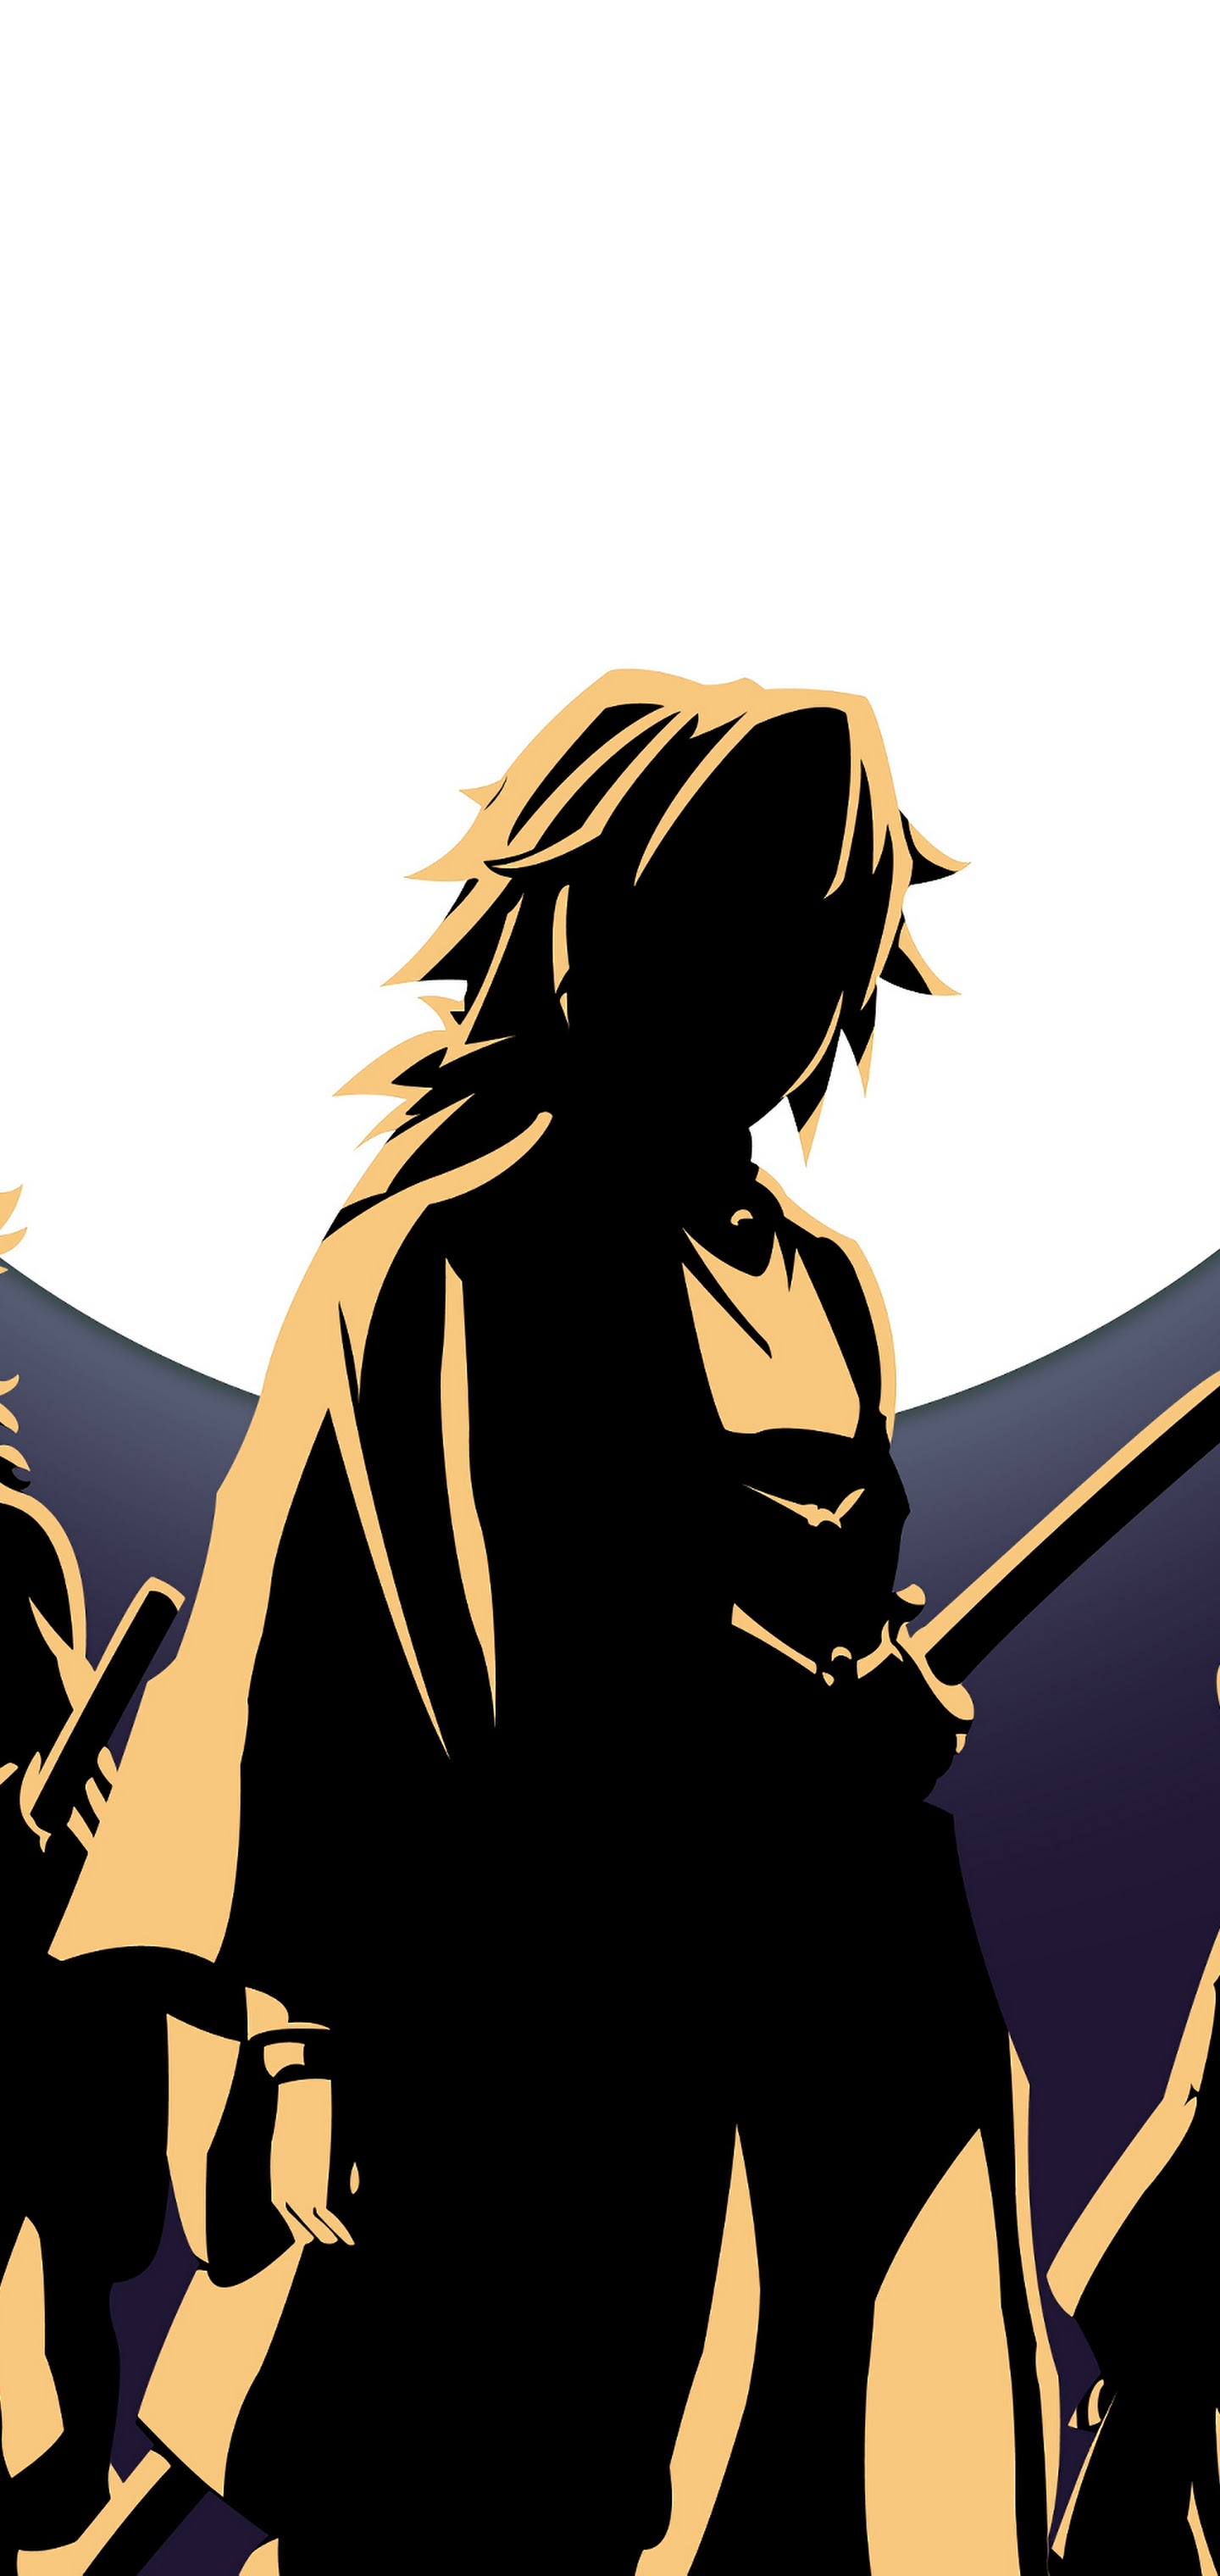 Kimetsu No Yaiba Demon Slayers Characters 4k Wallpaper 144